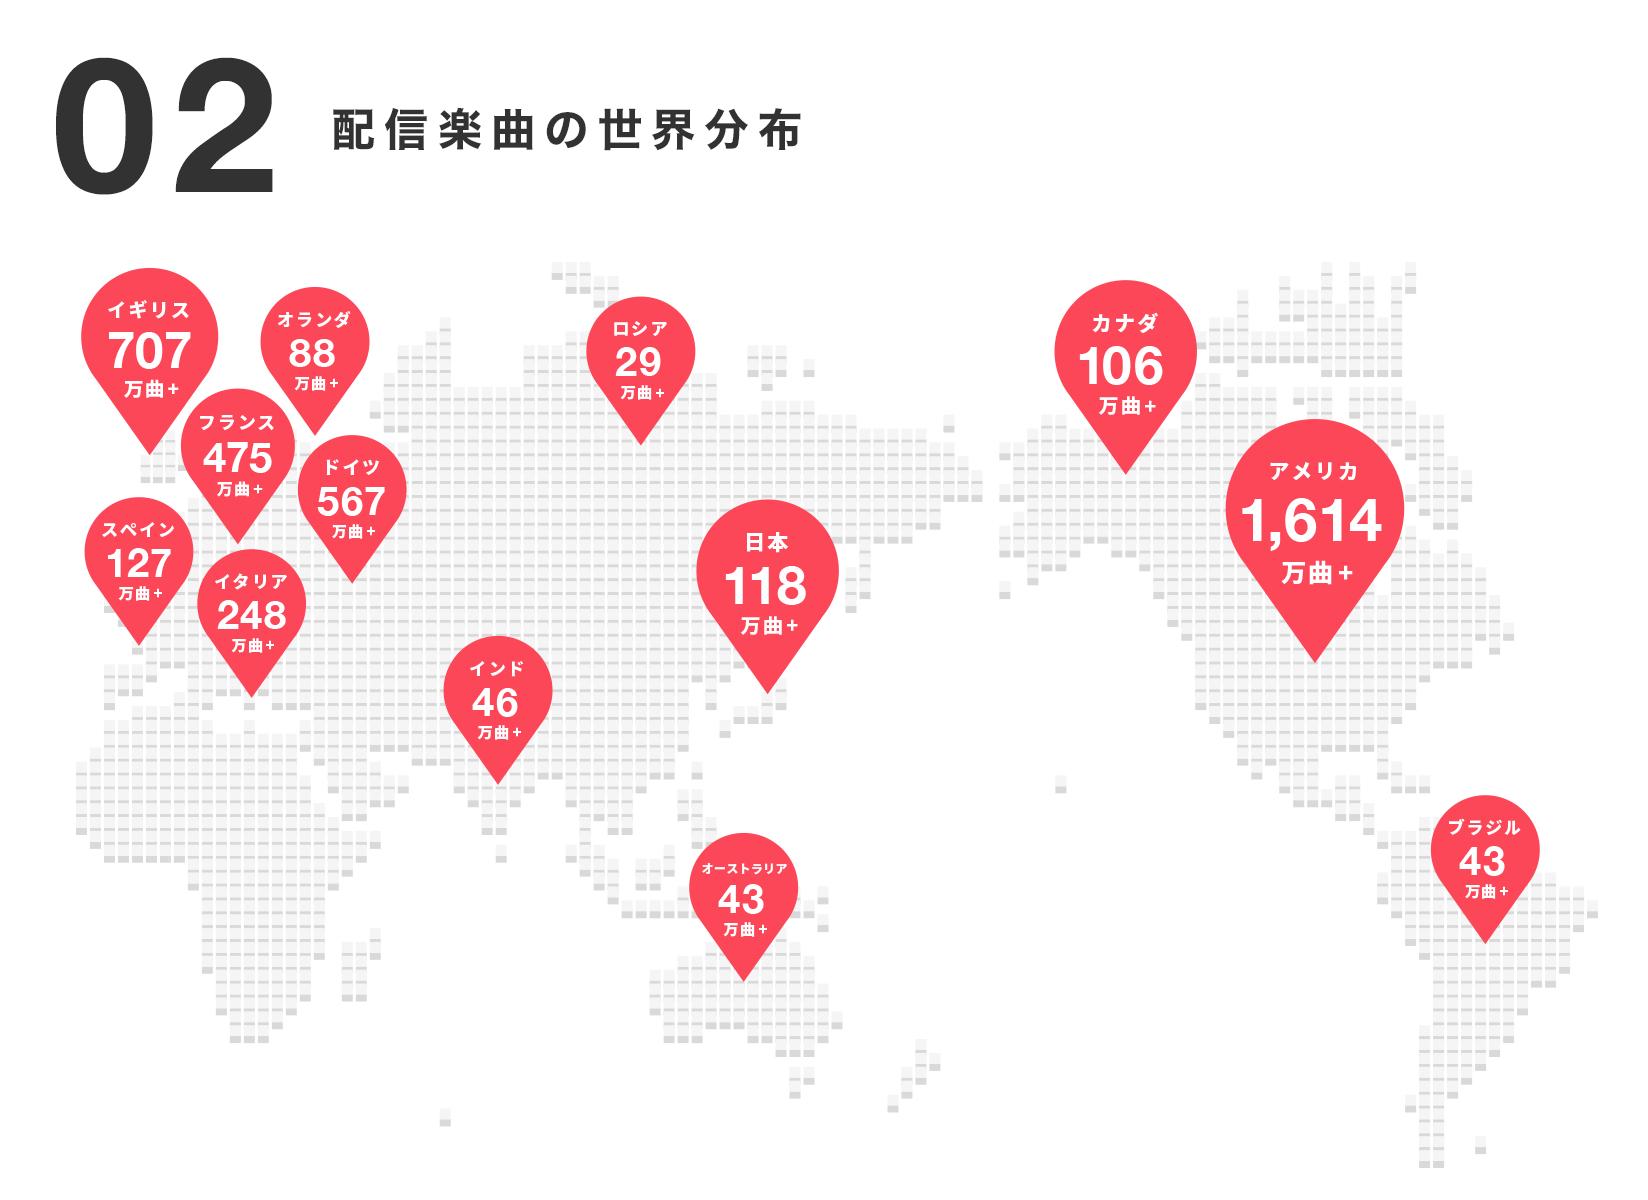 20190527_数字で見るAWA_CApress_挿入が画像02_世界地図.png